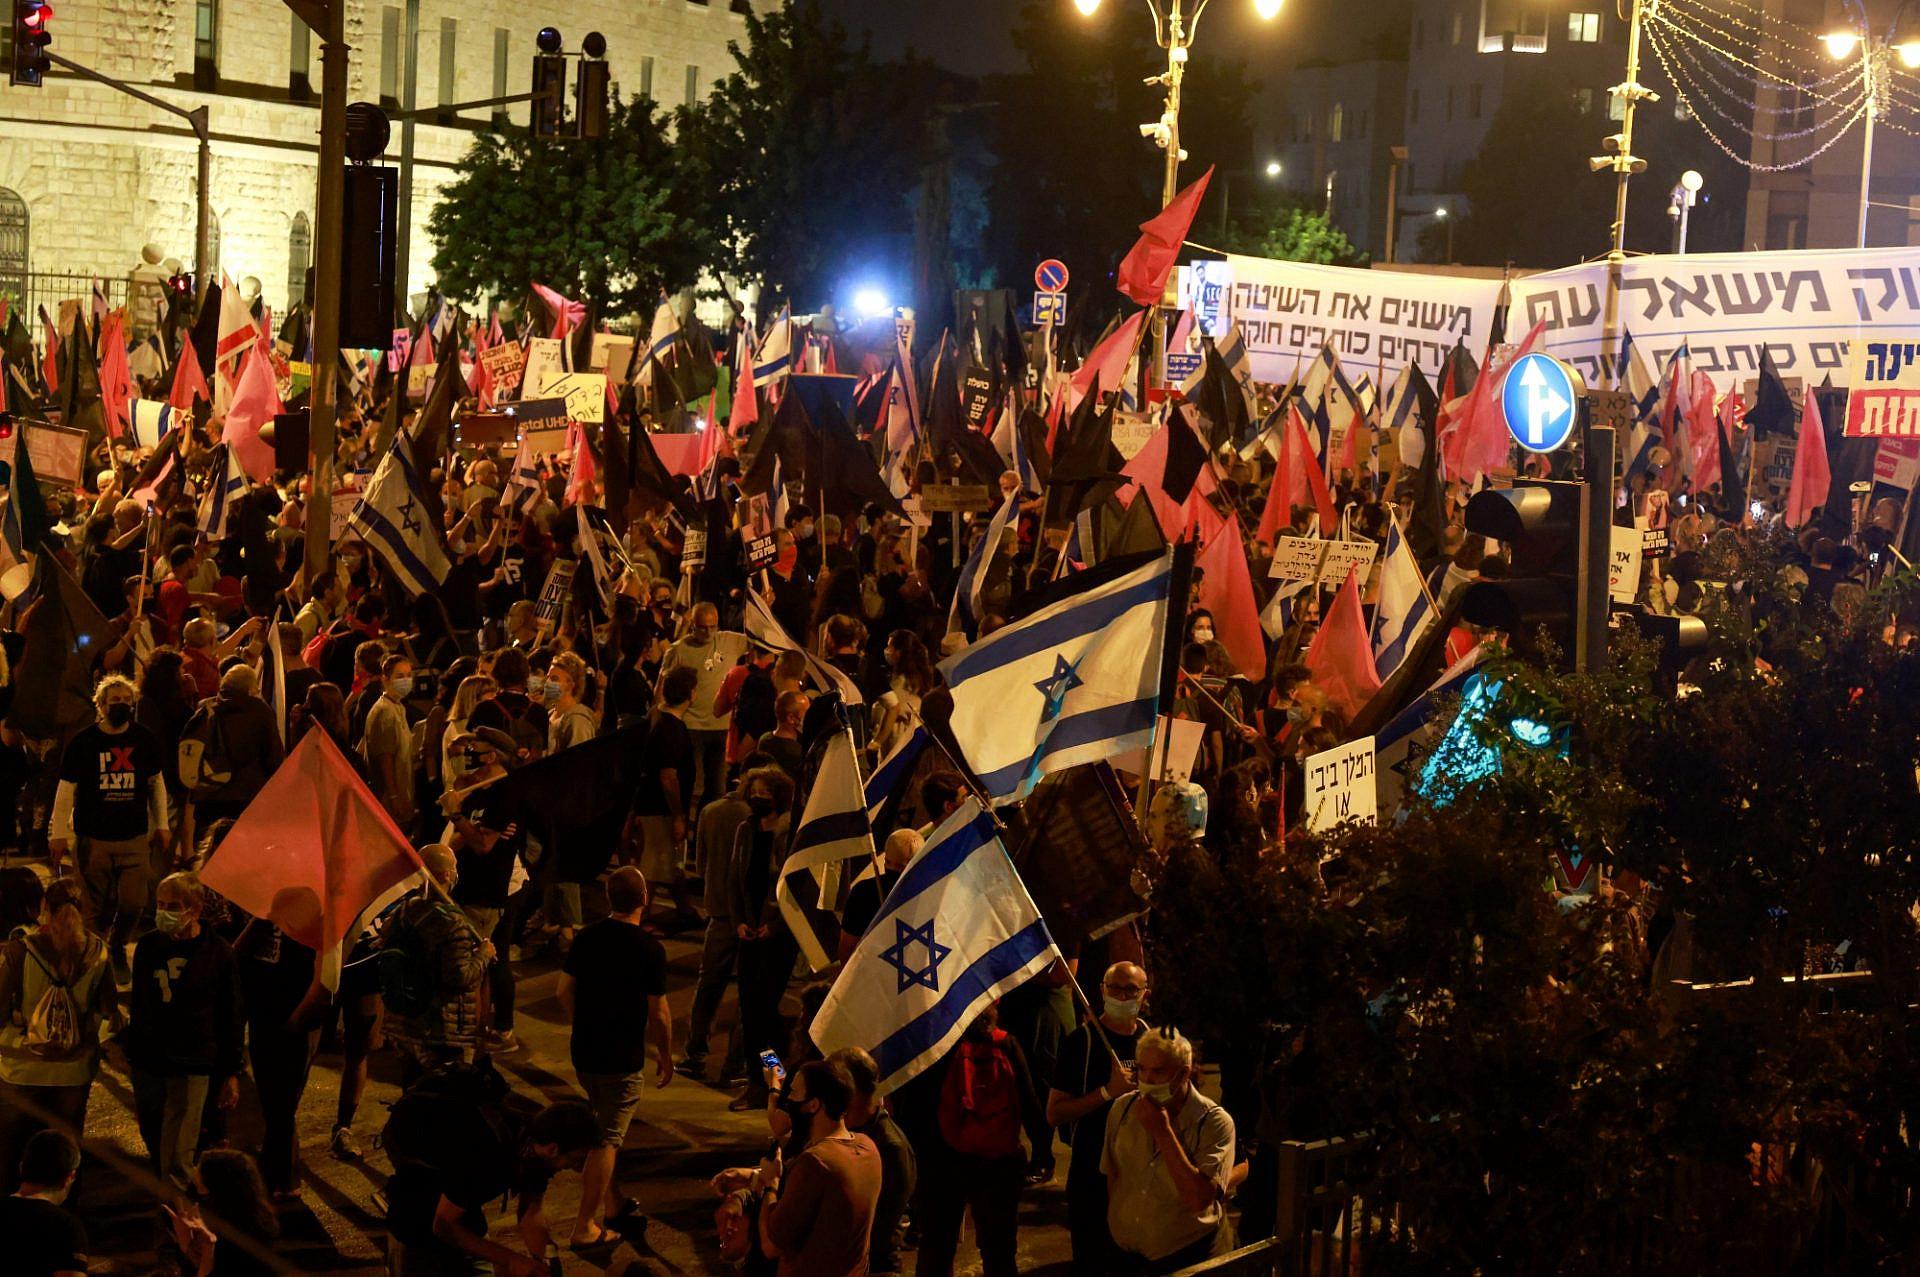 """כל המחאות הן אותה מחאה. מוצ""""ש בבלפור (צילום: מנחם כהנא\גטי אימג'ס)"""